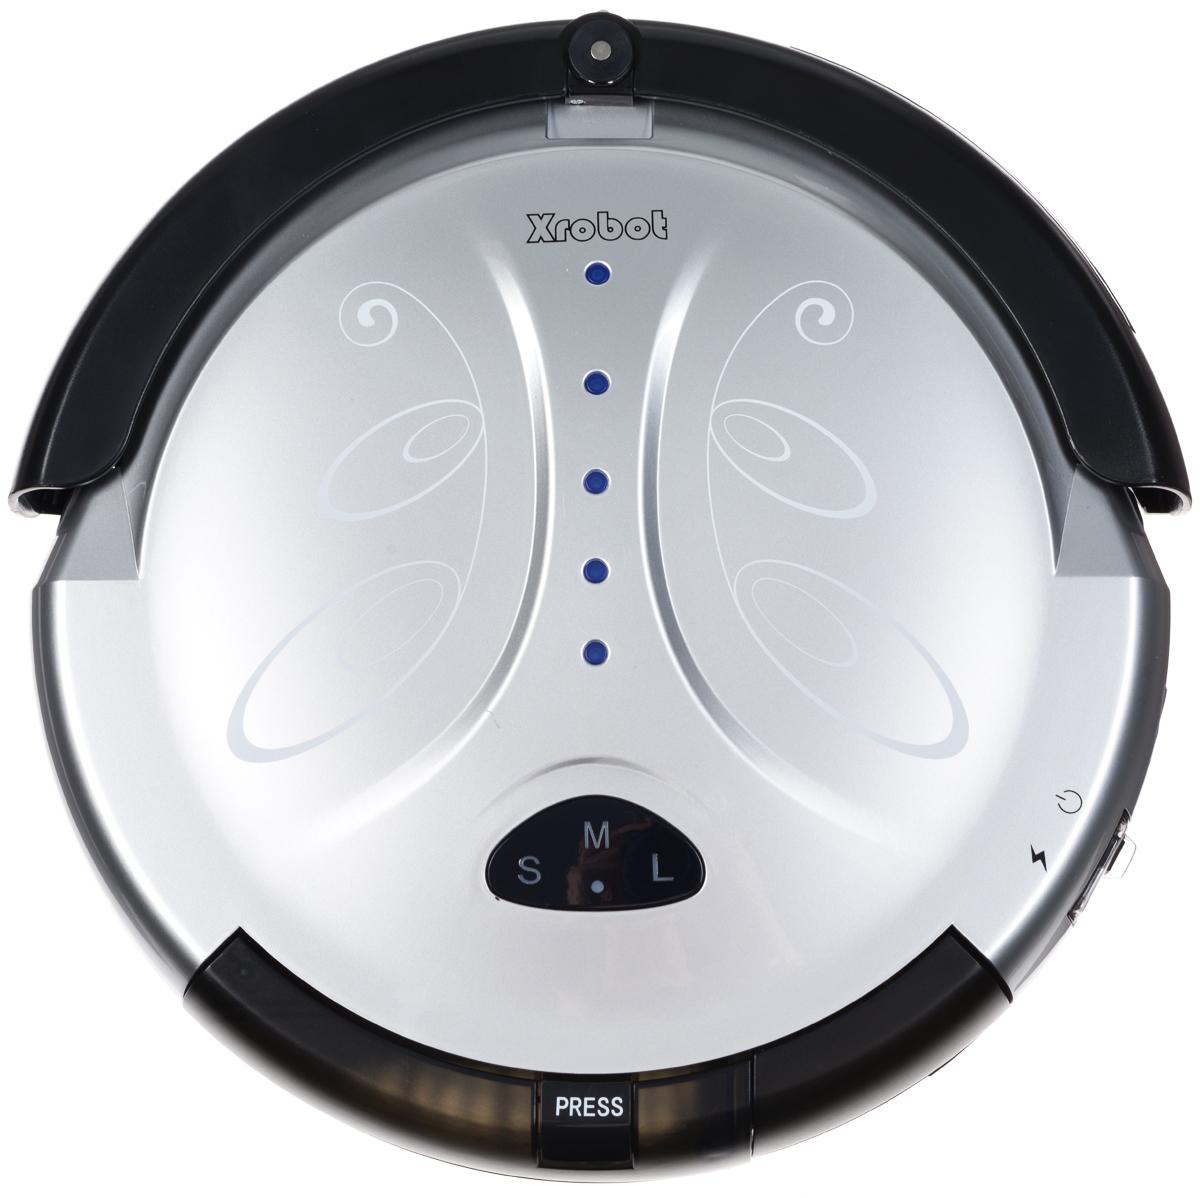 Xrobot A8, Silver Black робот-пылесосA8Пылесос Xrobot A8 представляет собой интеллектуальный, высокотехнологичный, полностью автоматическийприбор, который в основном применяется в домашних условиях, в отелях и небольших офисах для чисткиразличных ковров с коротким ворсом, деревянных полов, керамической плитки и т. д.Интеллектуальная функция: автоматическая уборка комнат, отсутствие ручного контроля во время всегопроцесса чистки.Автоматическая зарядка: когда батарея разряжается, робот-пылесос автоматически ищет базу длязарядки и осуществляет зарядку. Ручная зарядка: робот-пылесос можно также заряжать вручную с помощью зарядного устройства.Автоматическая чистка: после установки этой функции робот-пылесос автоматически продолжит работу послеполной зарядки.Функция защиты от падения: в нормальных условиях работы предотвращает падение робота-пылесоса со столаили лестницыФункция отложенного старта чистки позволяет выполнить зарядку в течение 4-5 часов и начать работу взаданное время.Ограничитель перемещения позволяет роботу-пылесосу заходить лишь в предназначенные для уборкипомещения.Боковая щетка установлена с правой стороны устройства и позволяет легко выполнять чистку в углах или скраю комнаты.Ультратонкий корпус позволяет легко осуществить чистку в труднодоступных местах, под и вокруг мебели, вуглах и вдоль стен.Колеса изготовлены из мягкой резины и не повреждают паркетное покрытие или ковер.Батарейка пульта ДУ: тип D (не входит в комплект)Батарейки ограничителя: 2xAAA (не входят в комплект)Емкость аккумулятора: 1500/1700 мАчВремя первой зарядки: 12 чВремя обычной зарядки: 4-5 чКак выбрать робот-пылесос. Статья OZON Гид